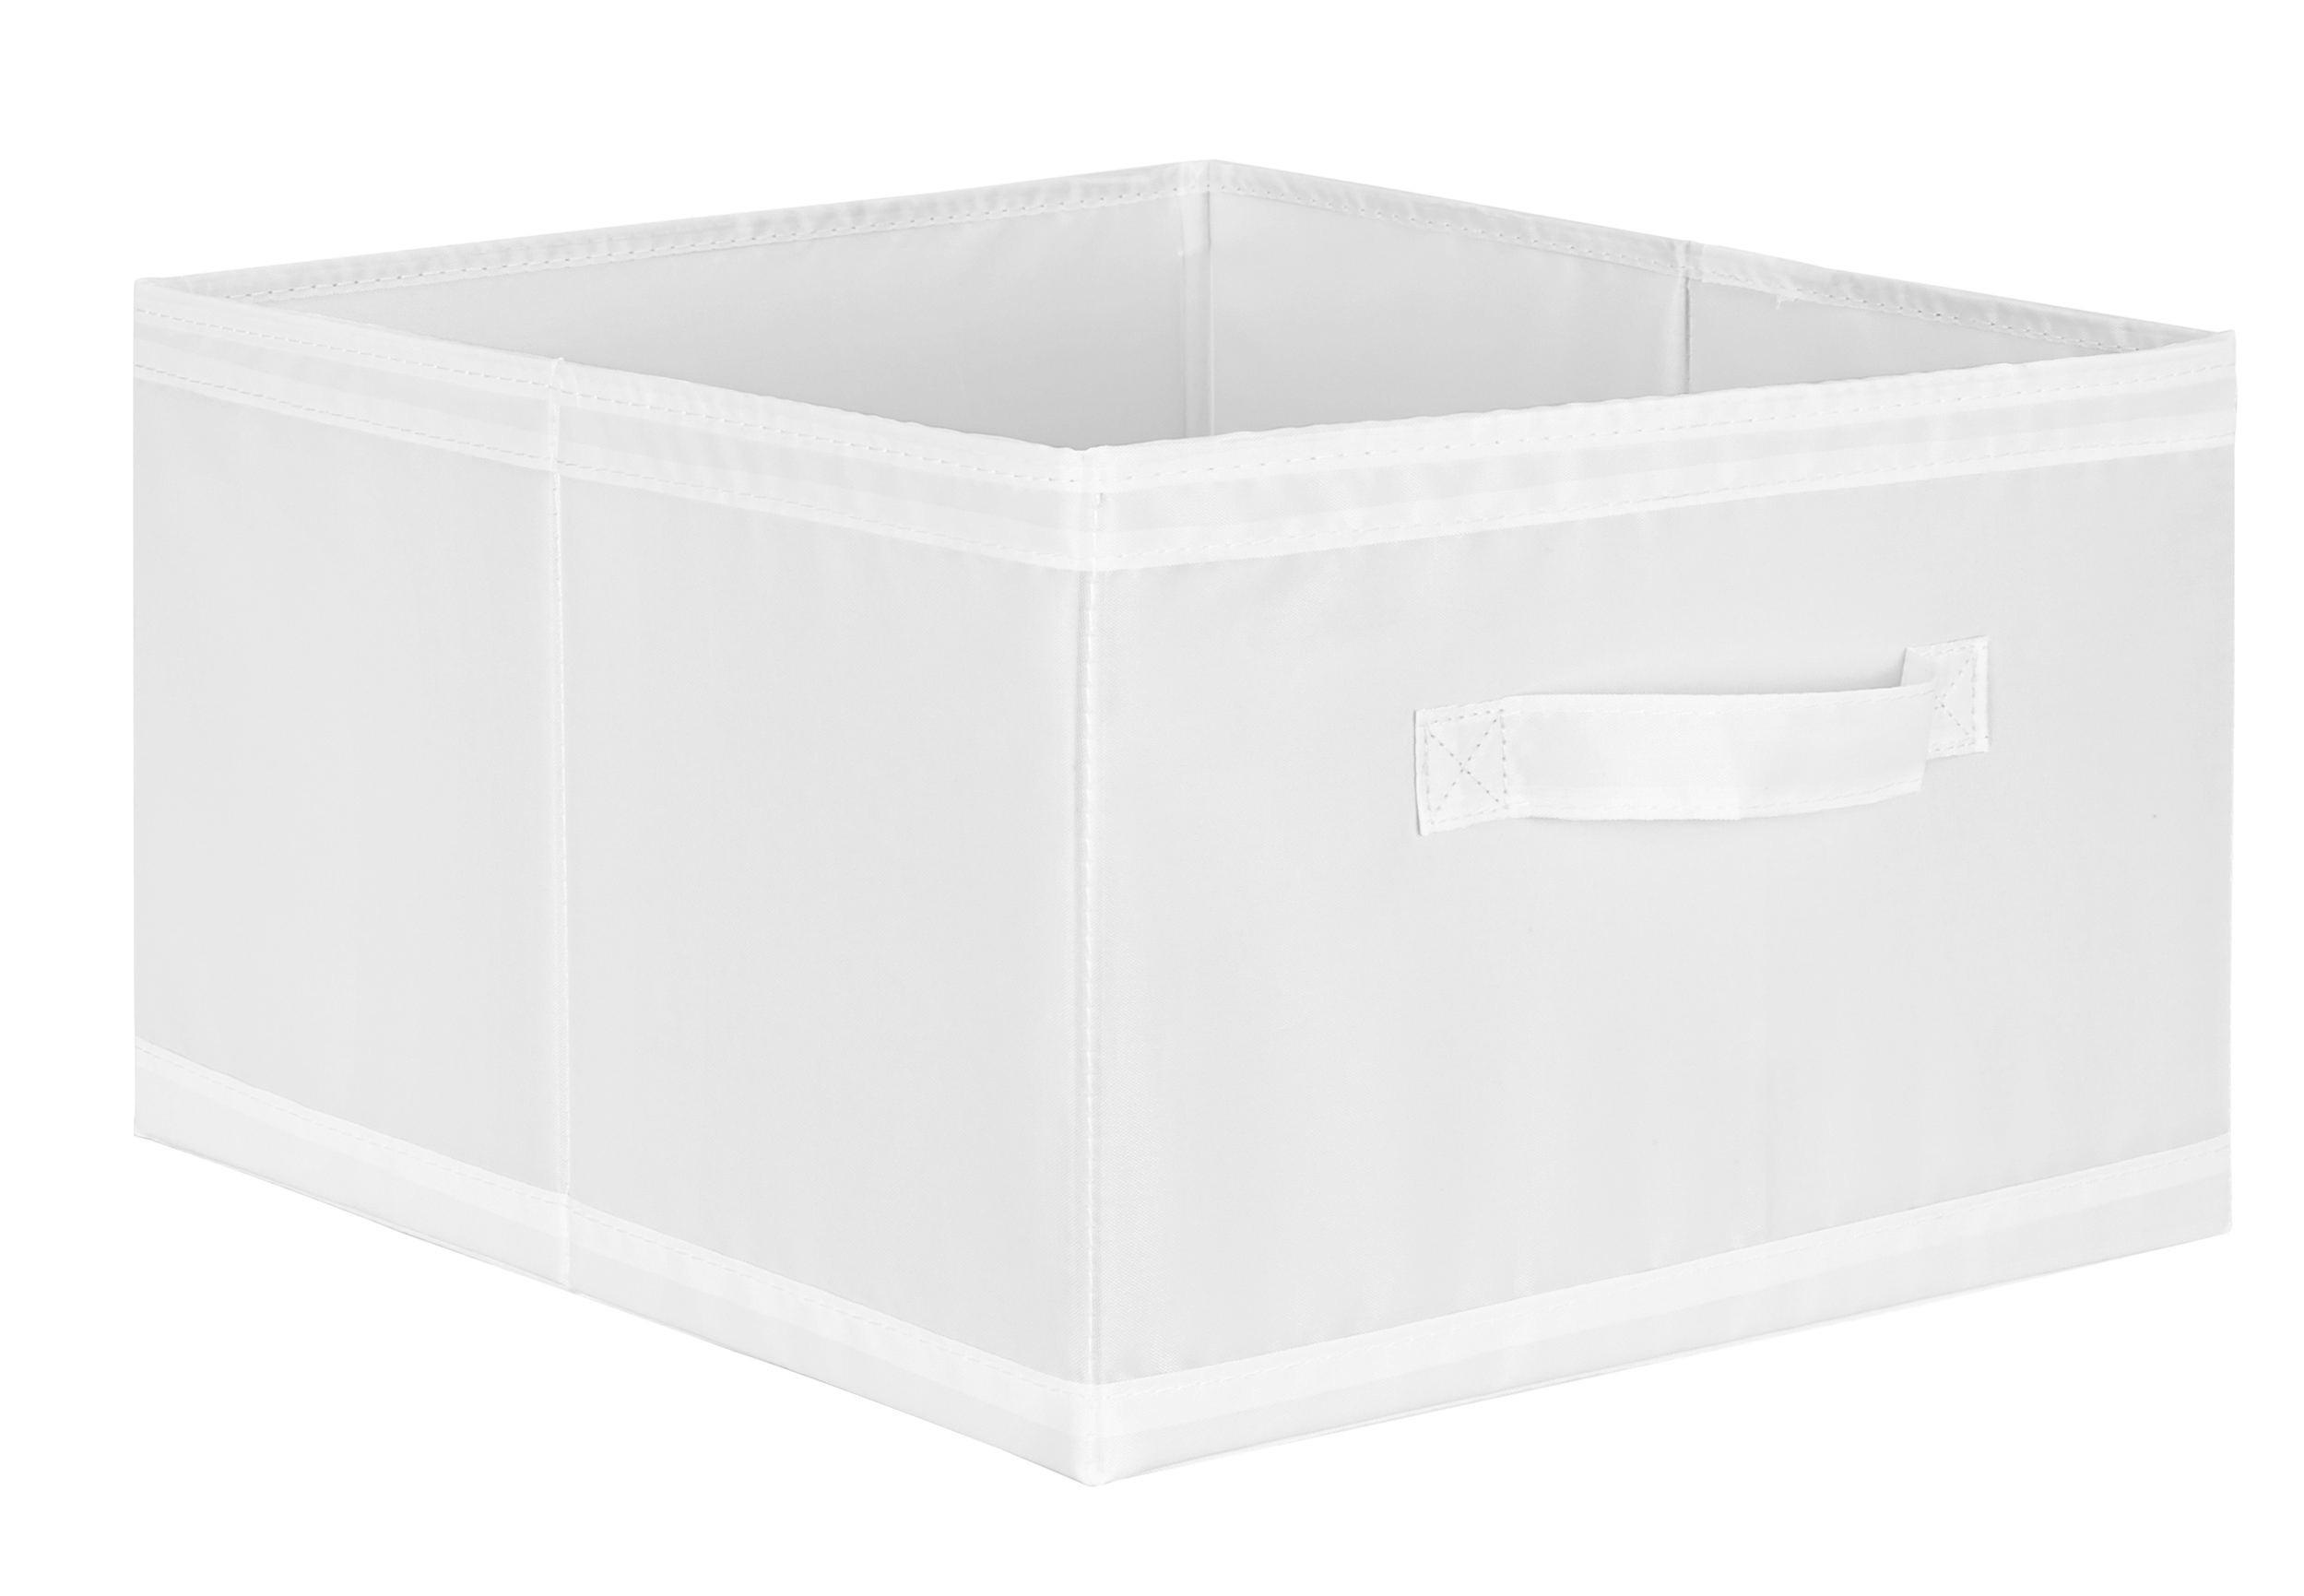 Aufbewahrungsbox in Weiß - Weiß, Textil (31/20/33,5cm) - MÖMAX modern living